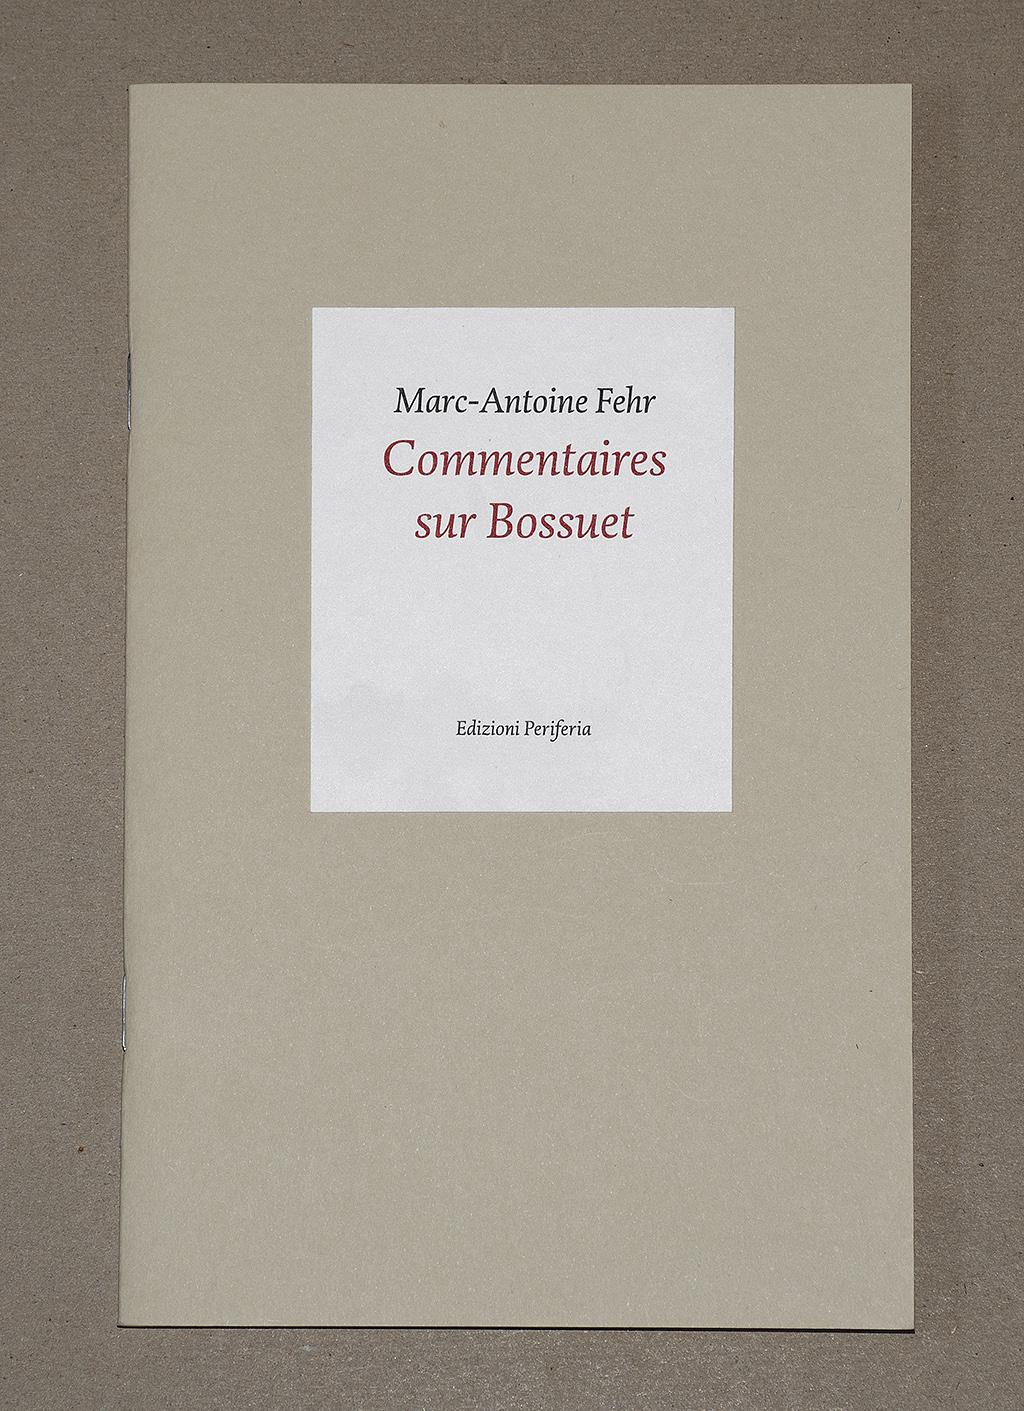 Commentaires sur Bossuet (Minimono)